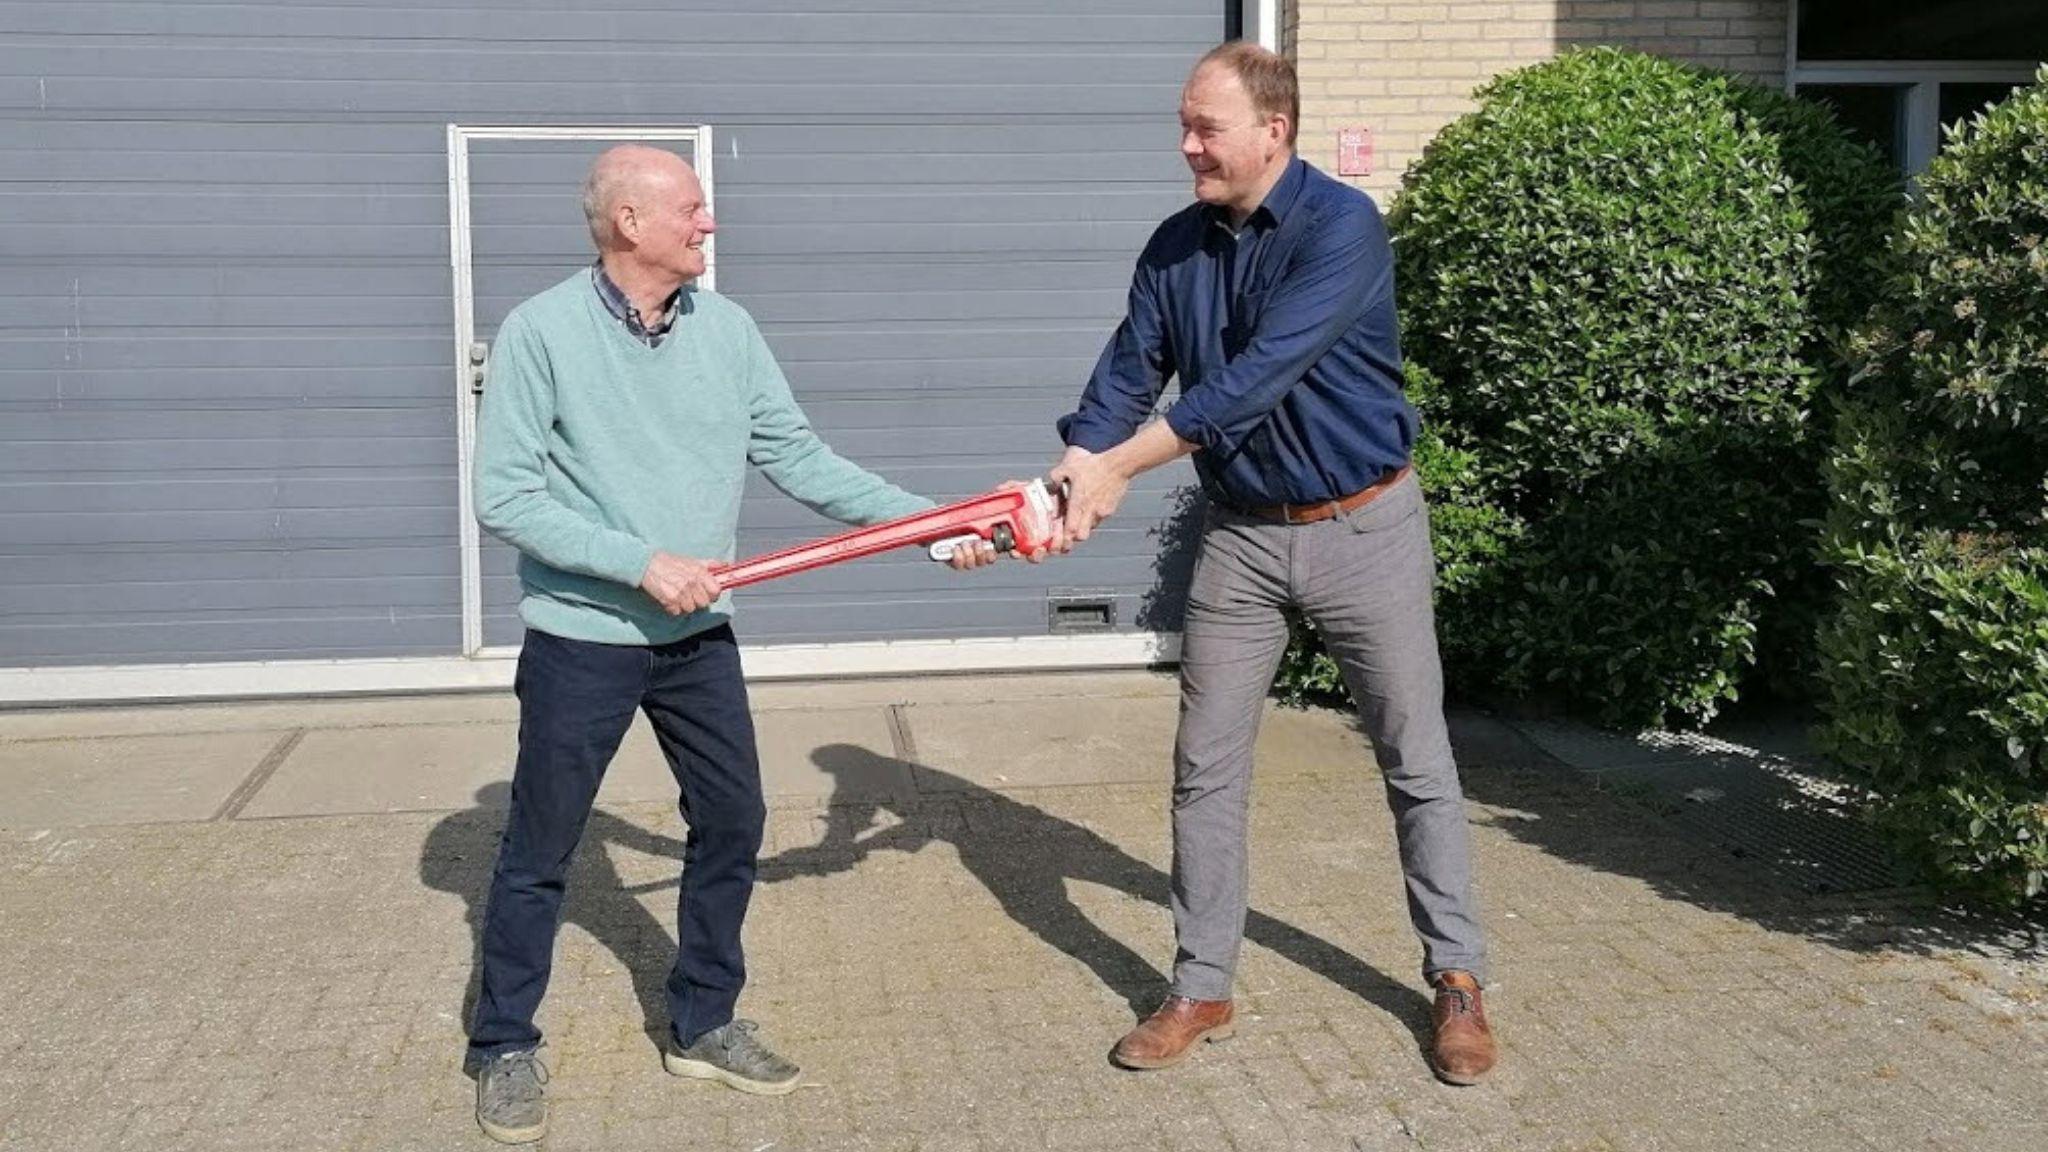 Boretech Holland na 30 jaar overgedragen van J. Zitman aan J. Zitman